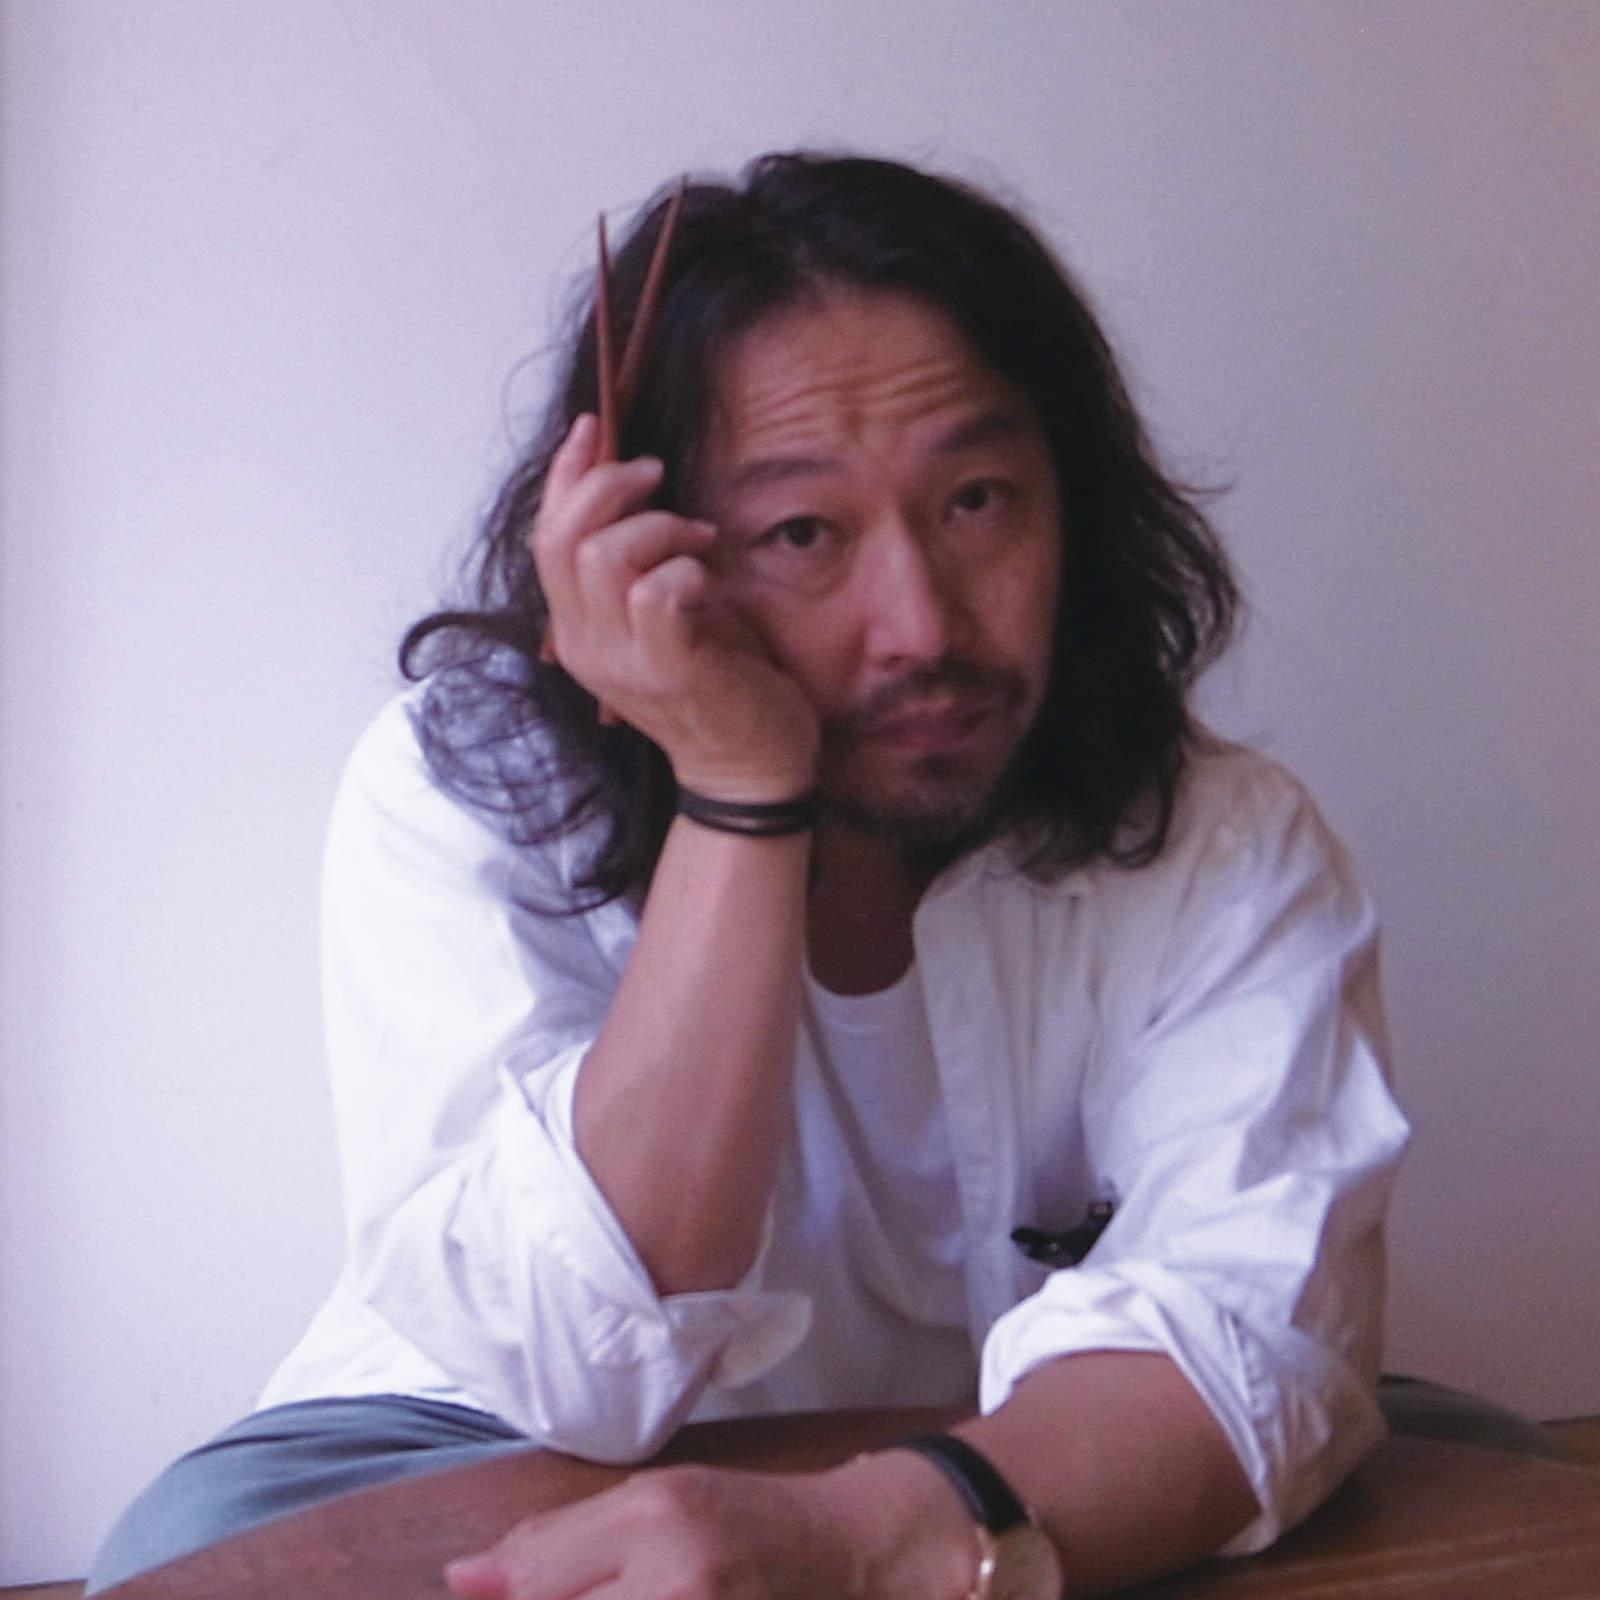 曽我部恵一 ソロアルバム『ヘブン』通販 SOLD OUTのお知らせ